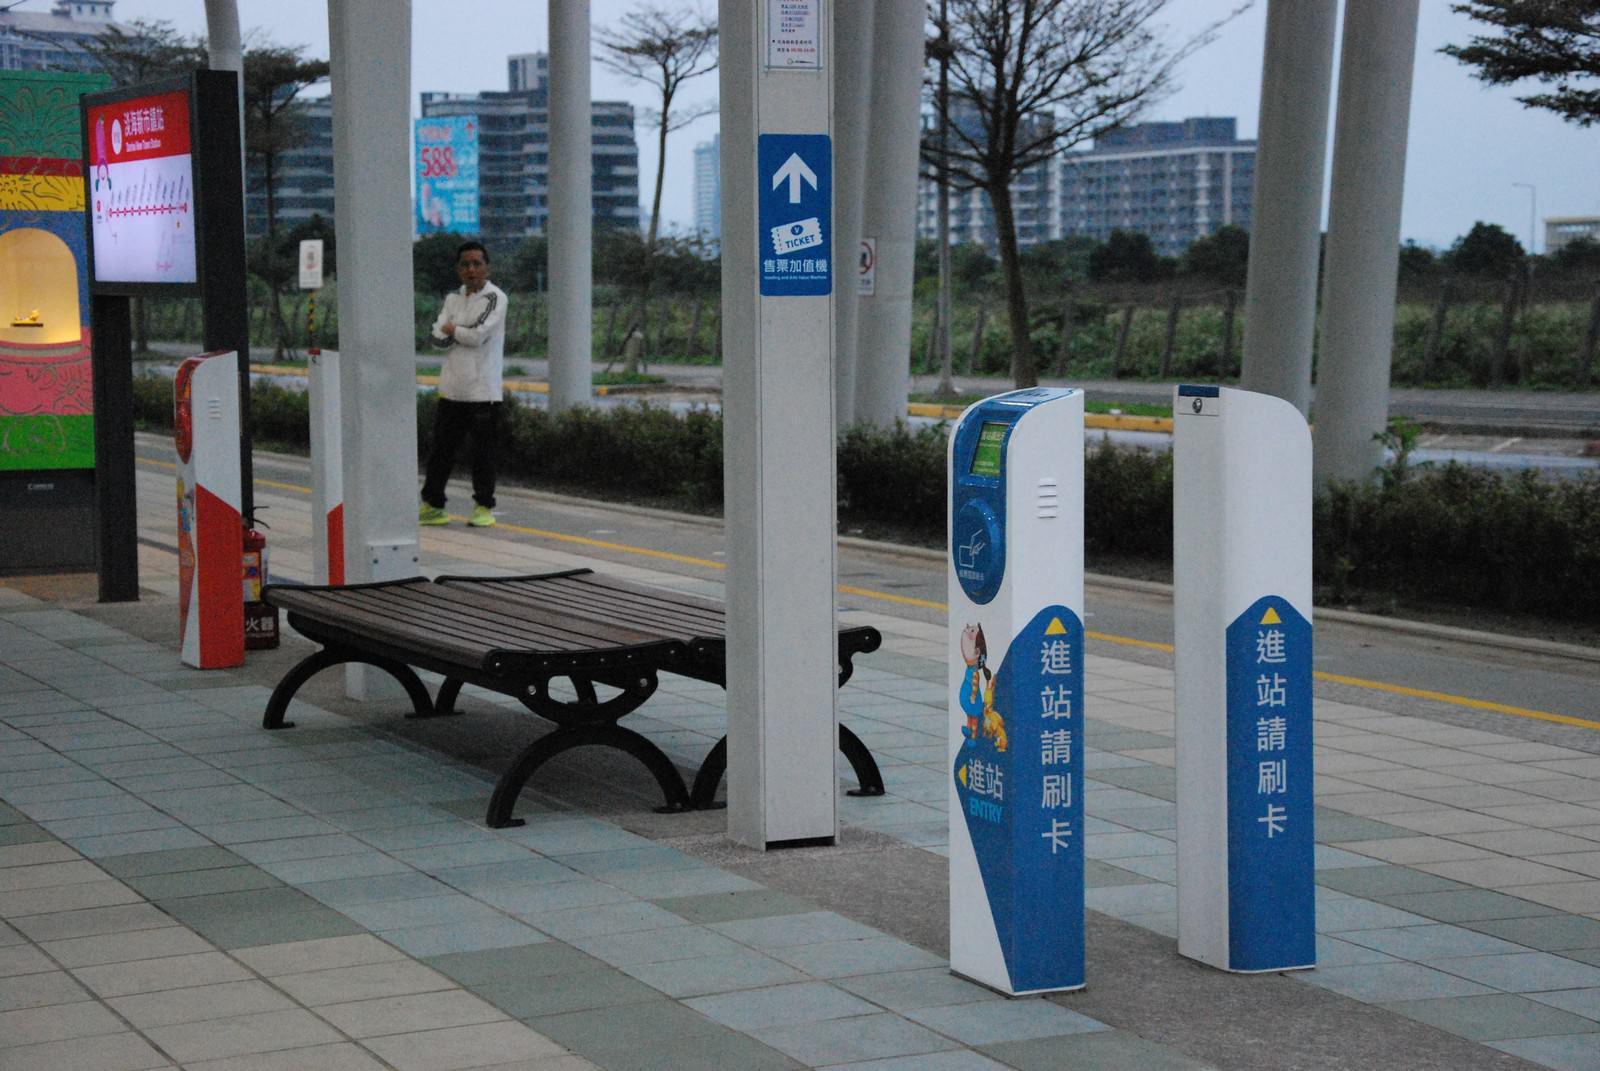 淡海輕軌綠山線, 輕軌淡海新市鎮站, 刷卡機